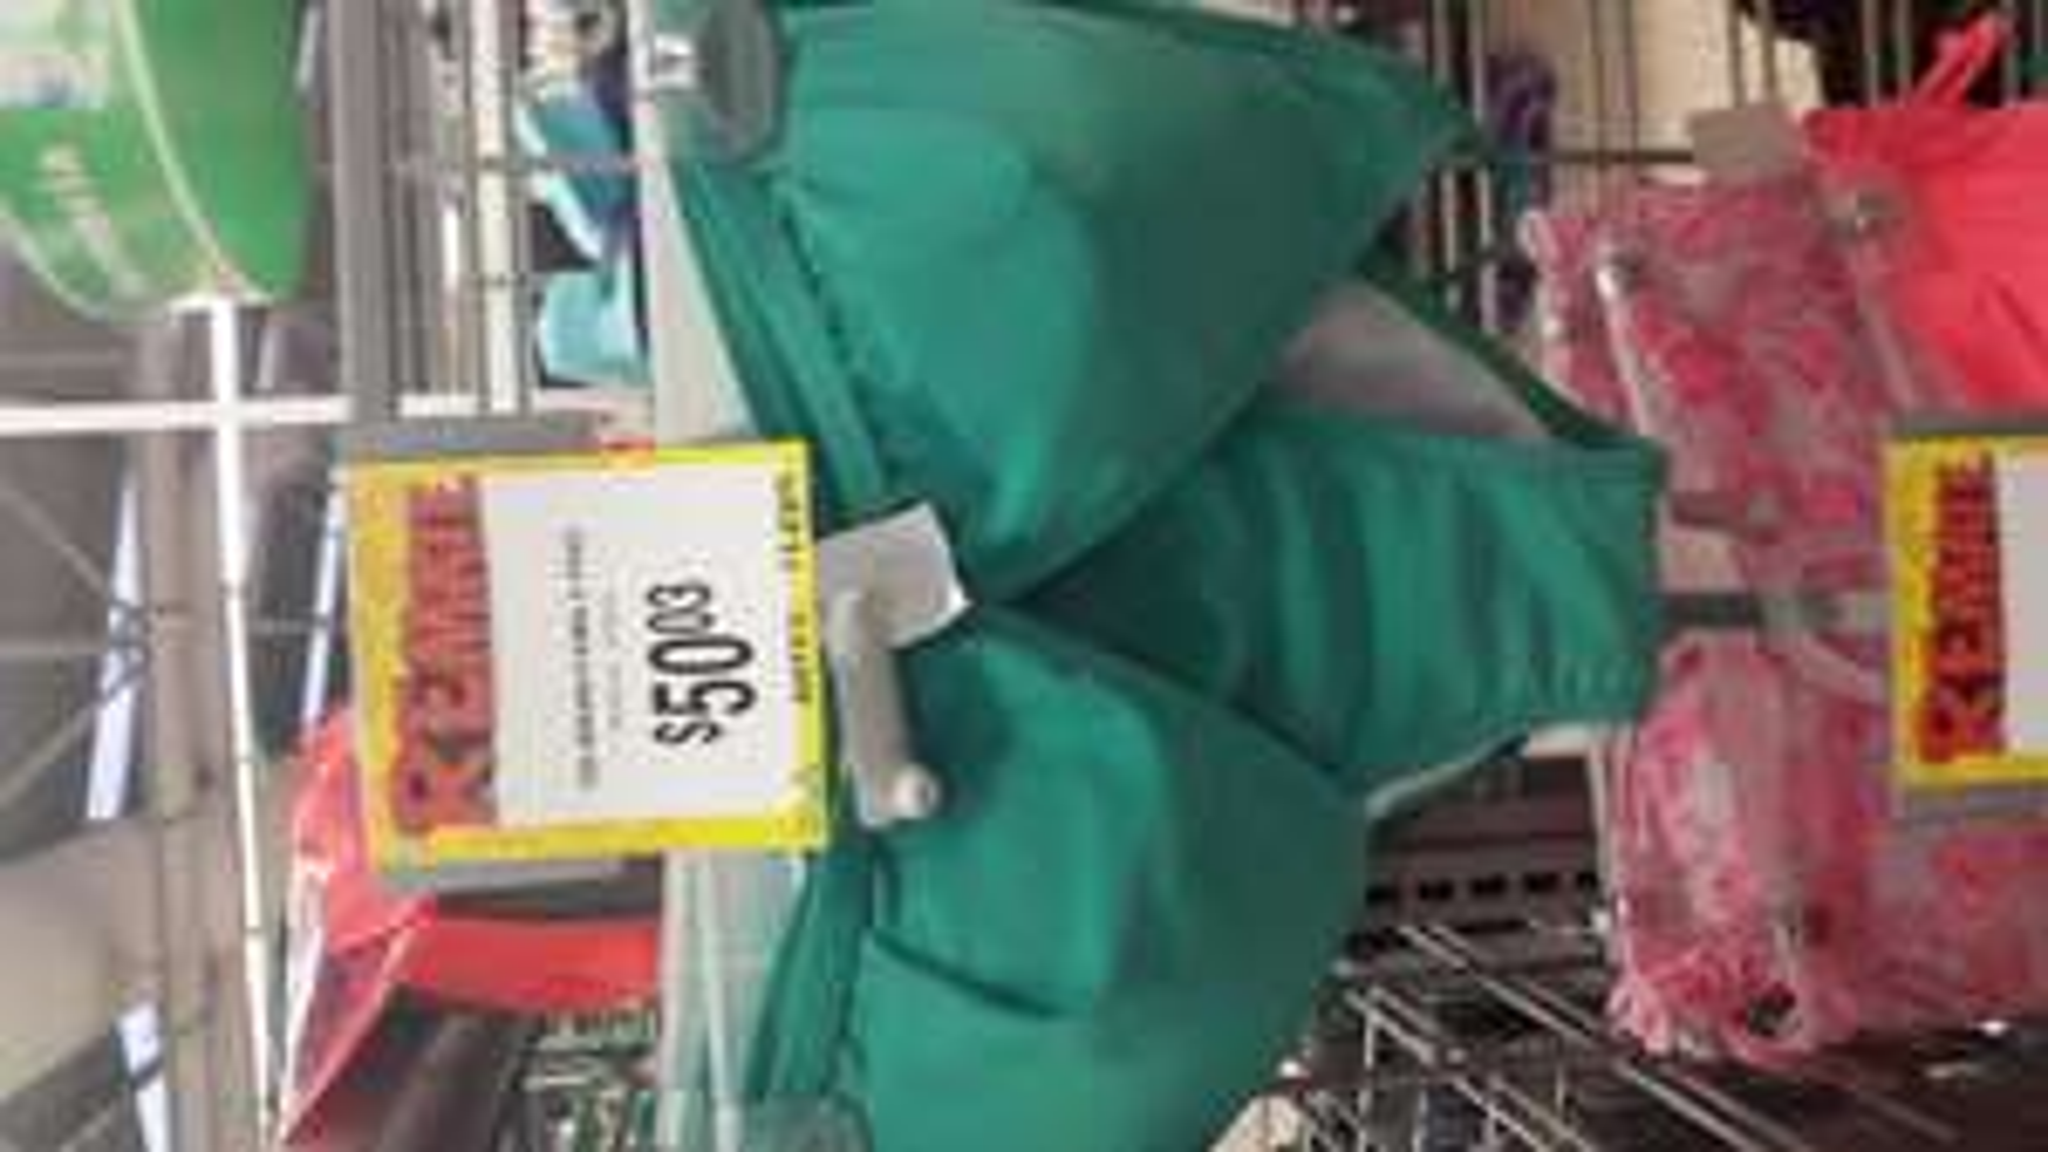 Bodega Aurrerá: trajes de baño de $150 a $50.03